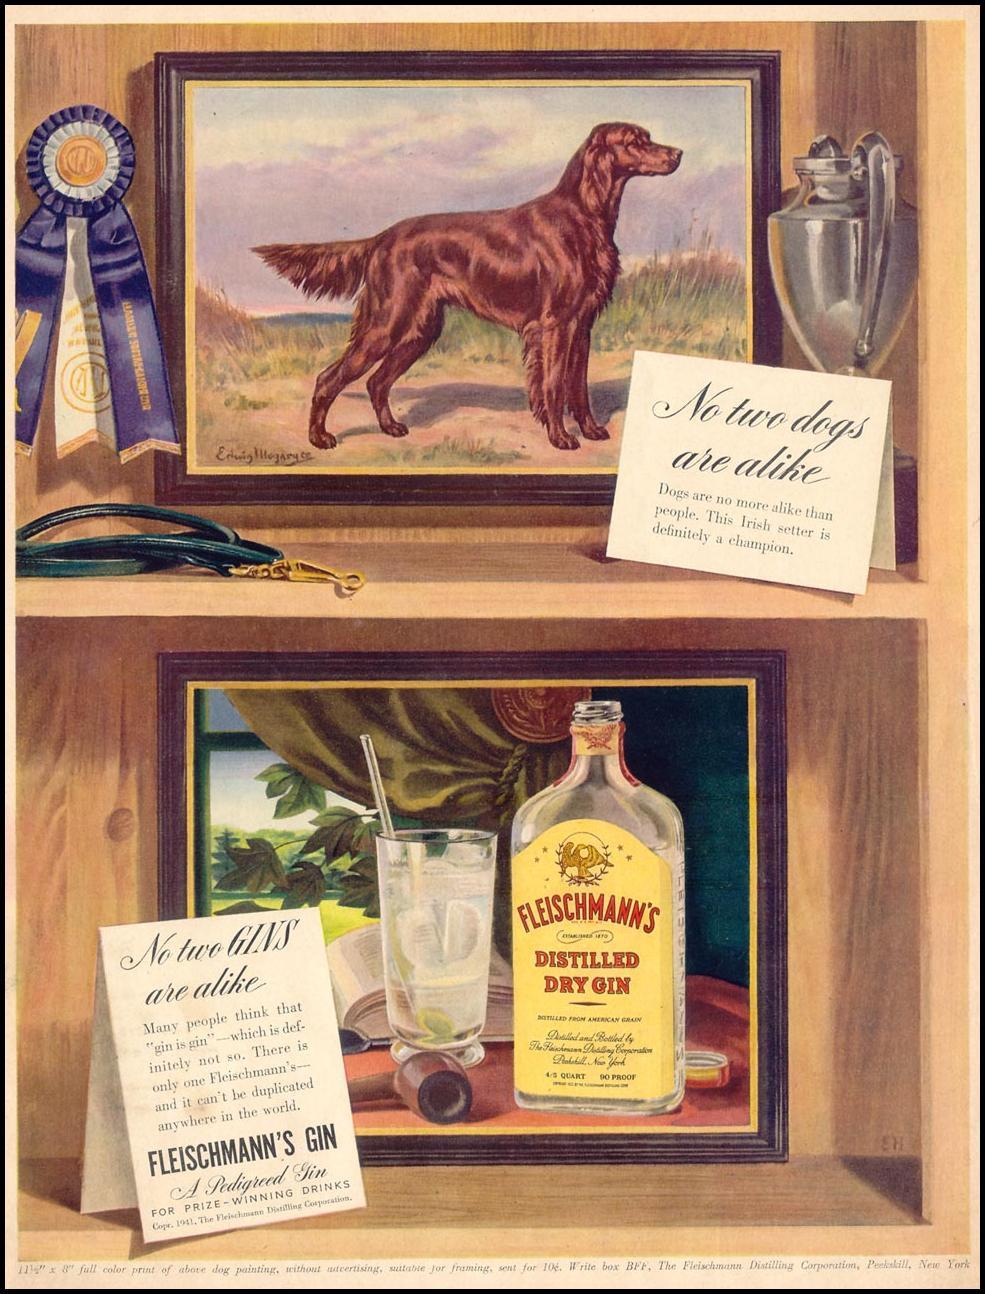 FLEISCHMANN'S DISTILLED DRY GIN LIFE 06/23/1941